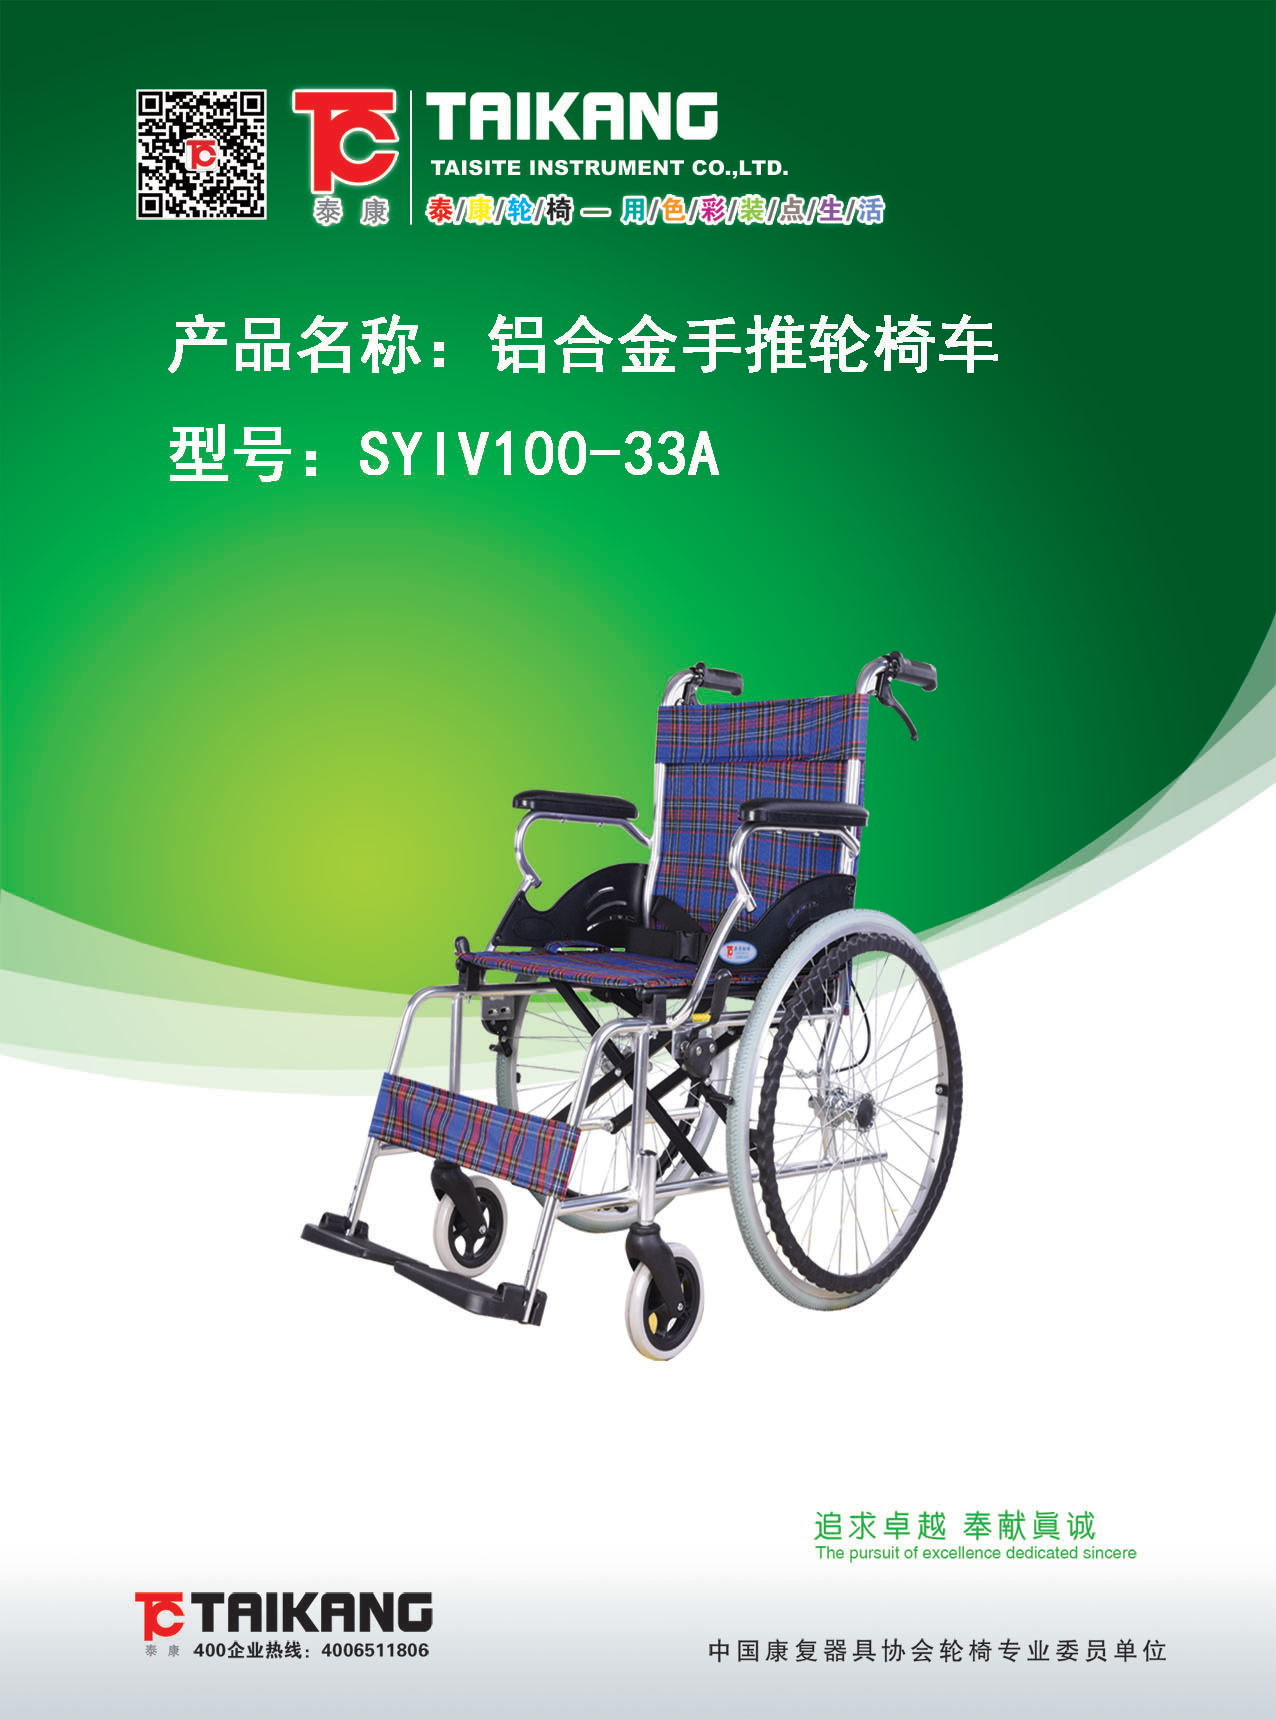 铝合金手推轮椅车SYIV100-33A(座宽46cm)